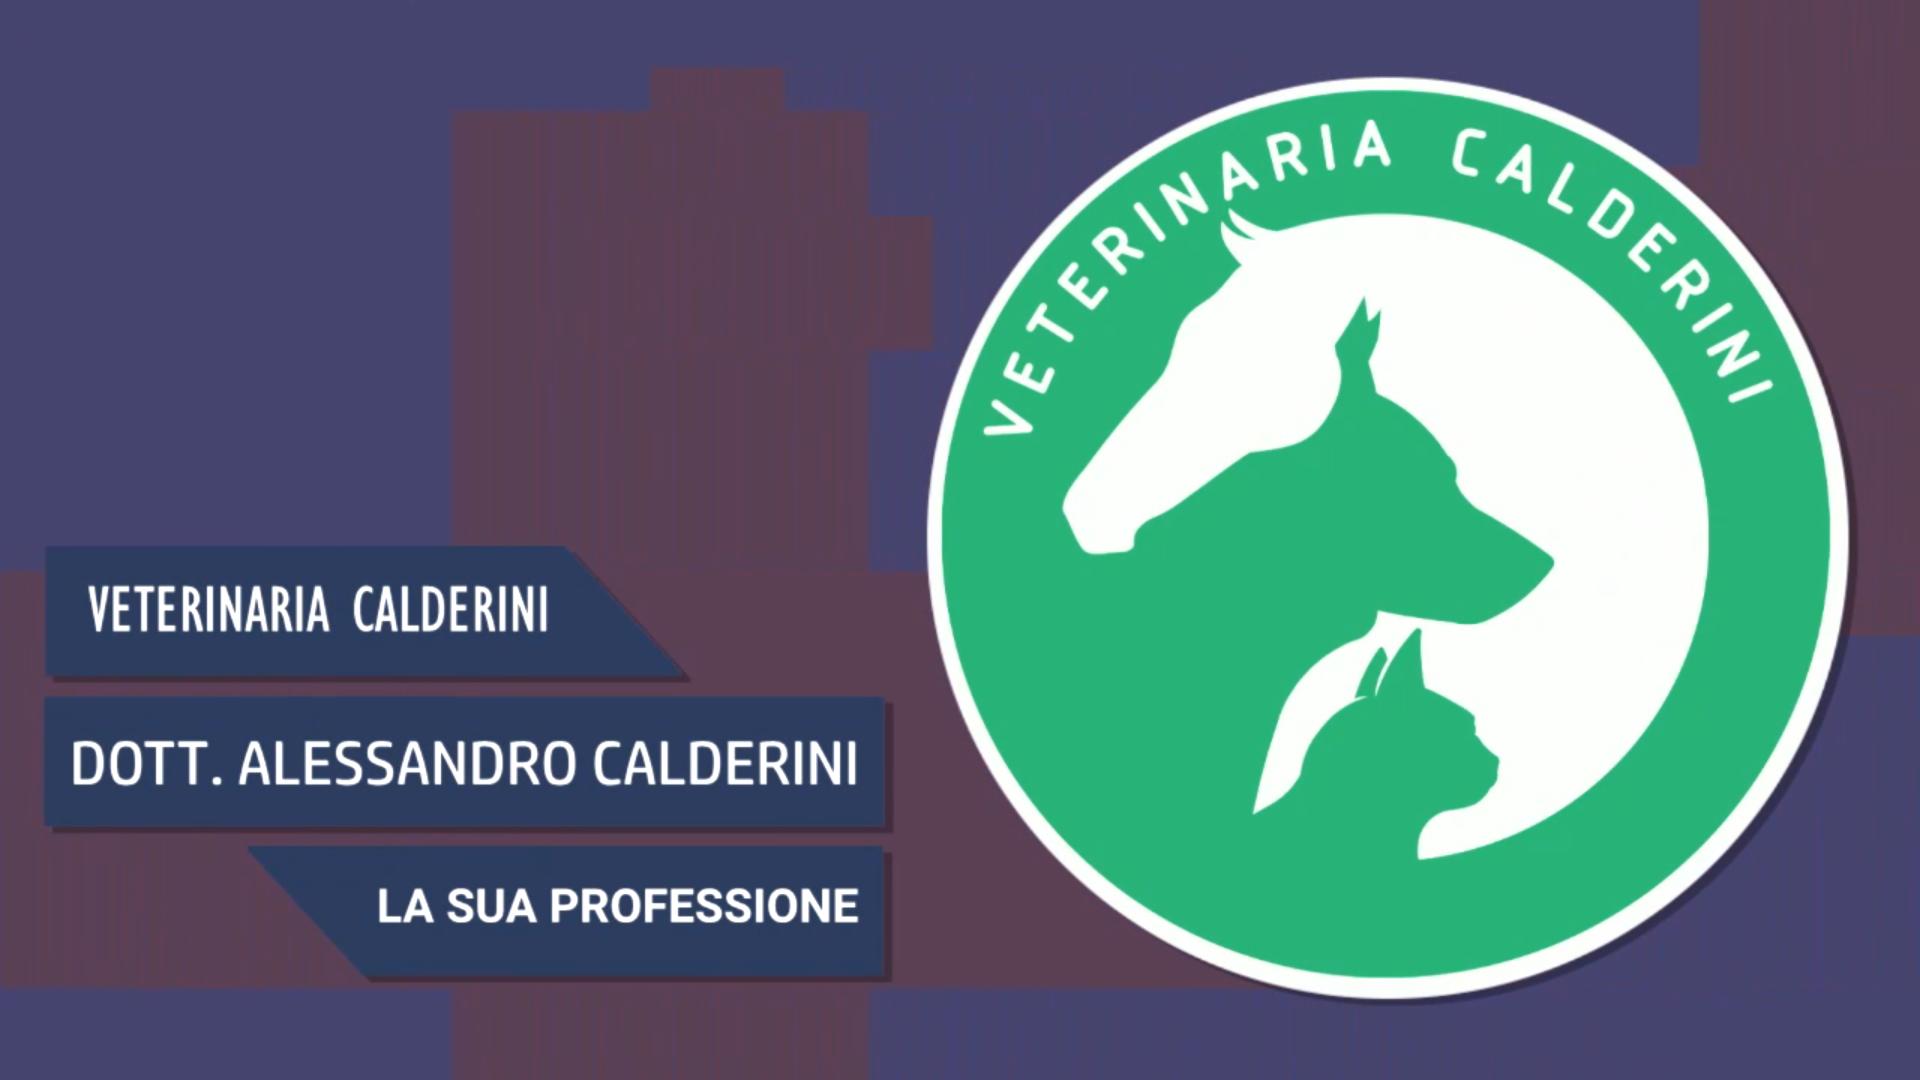 Intervista al Dott. Alessandro Calderini – La sua professione